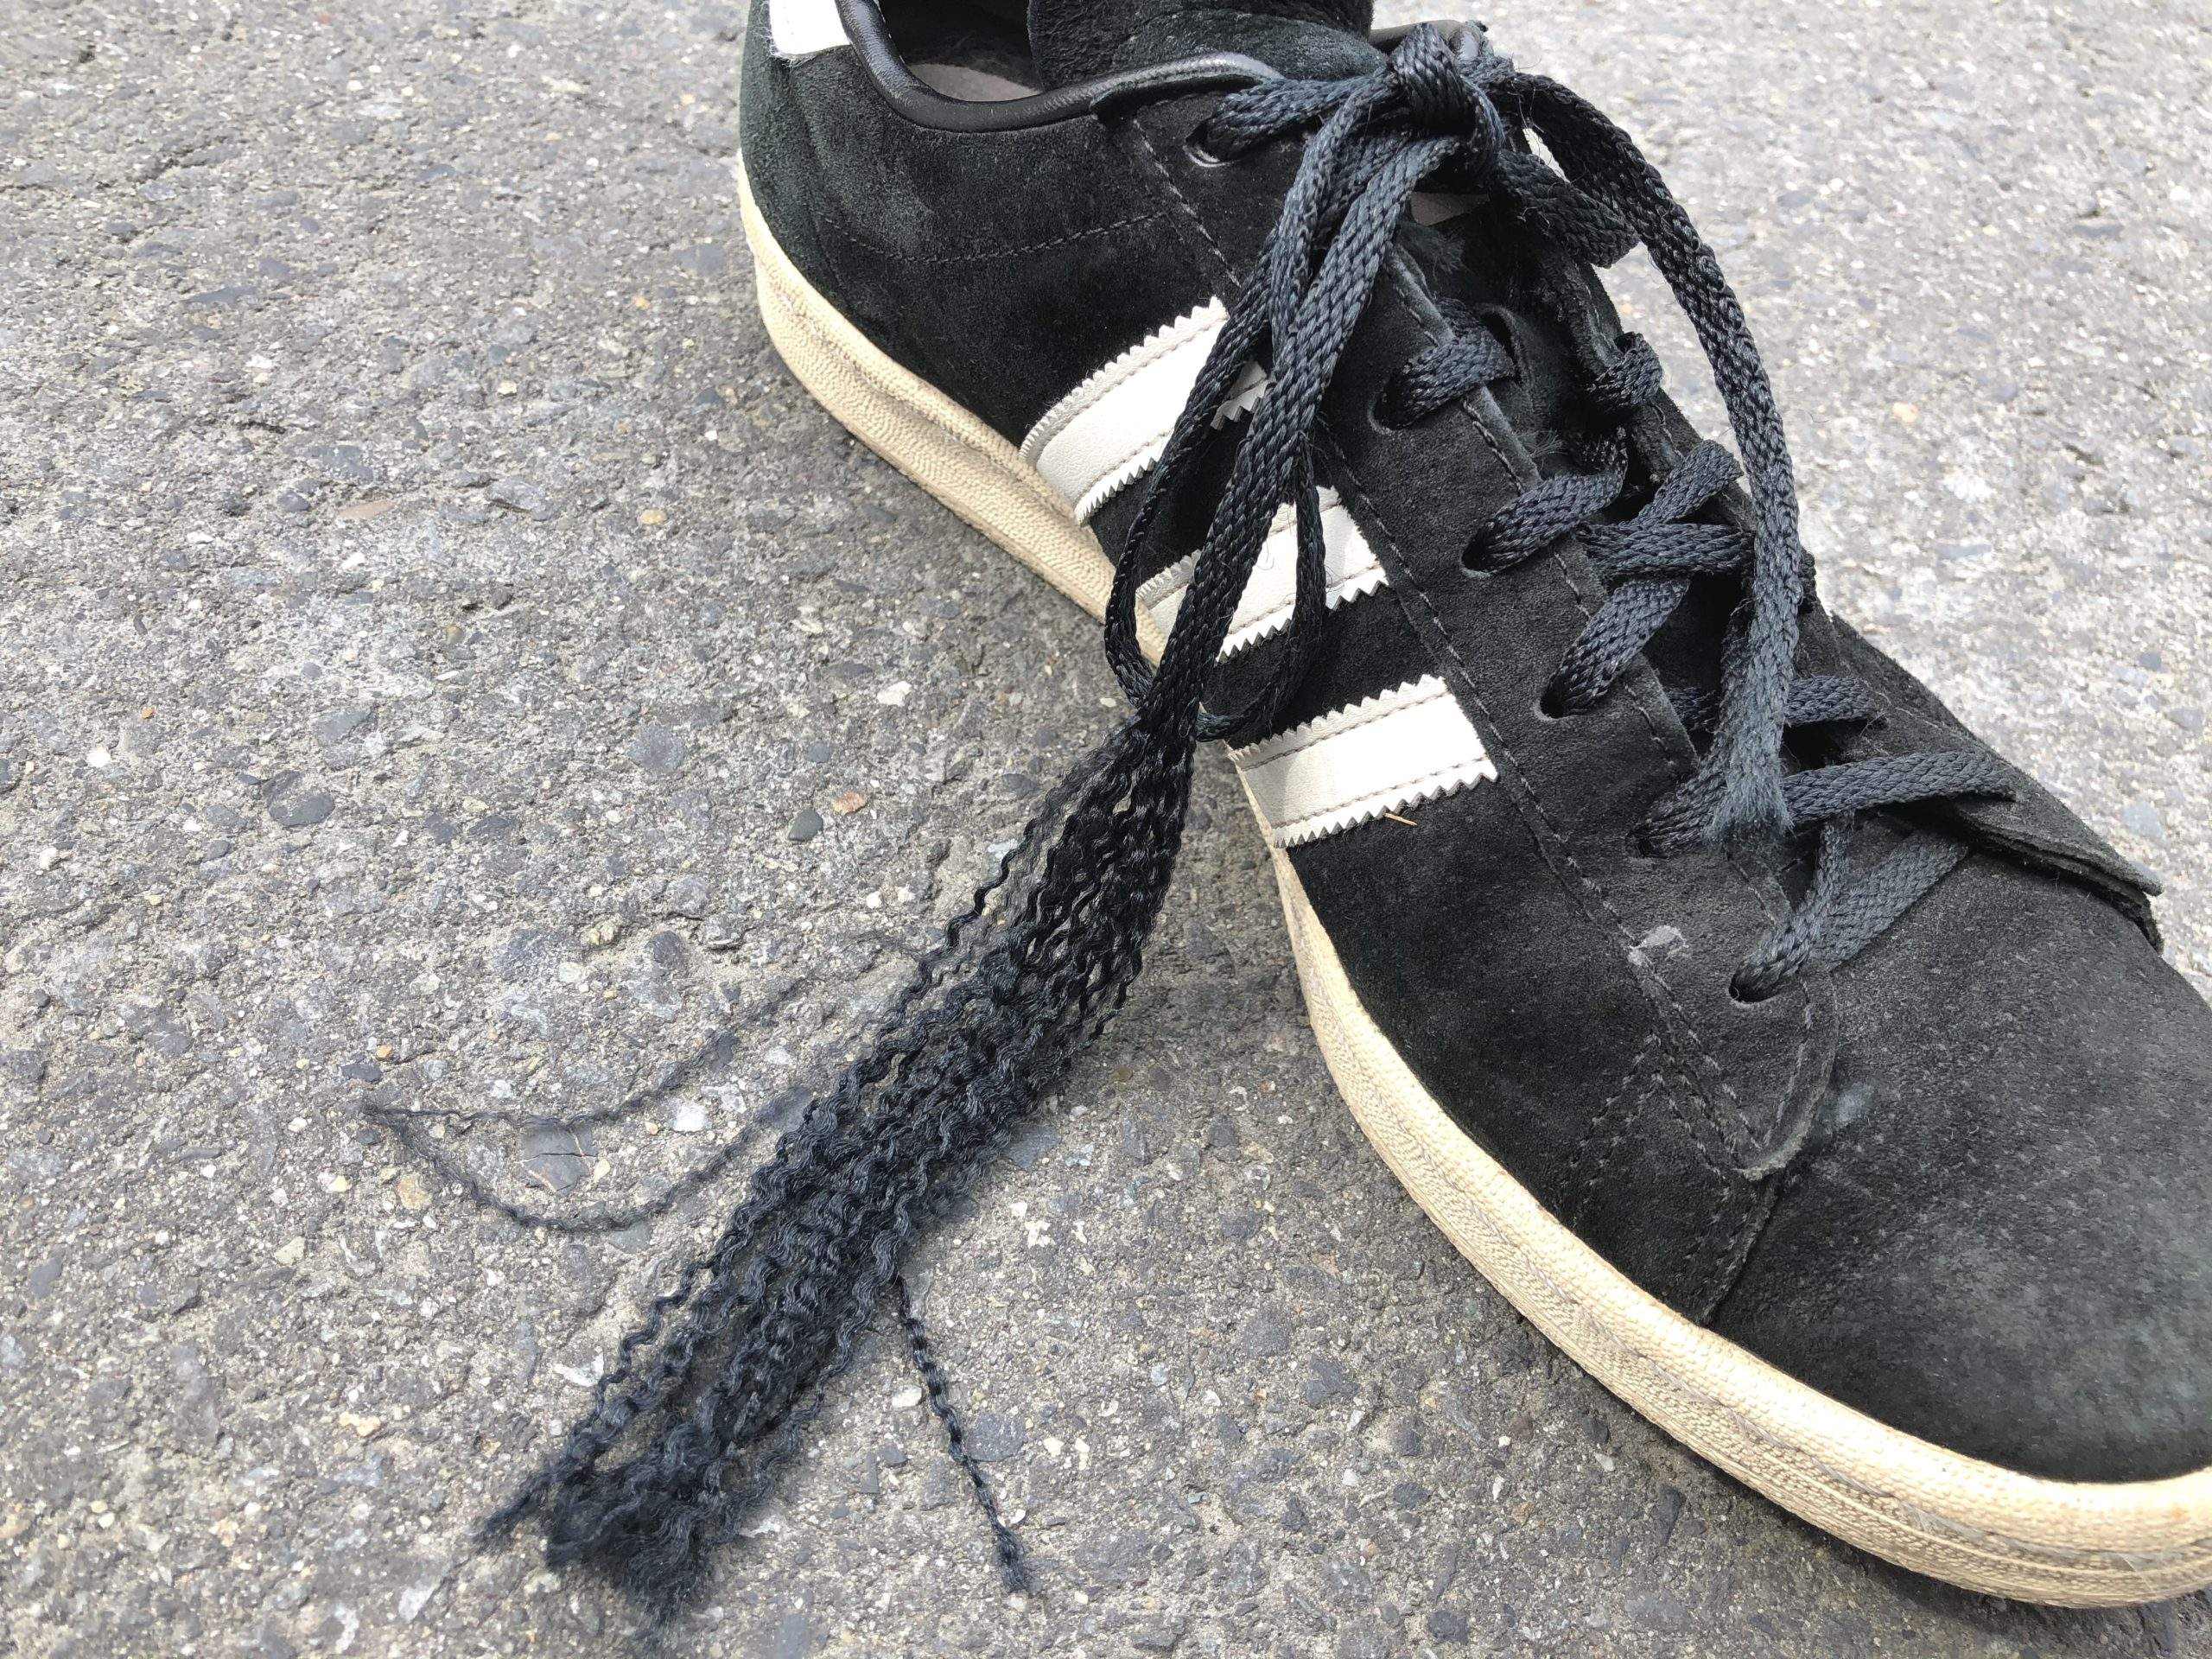 アディダスのキャンパスのデフォルトの靴紐が裂けた